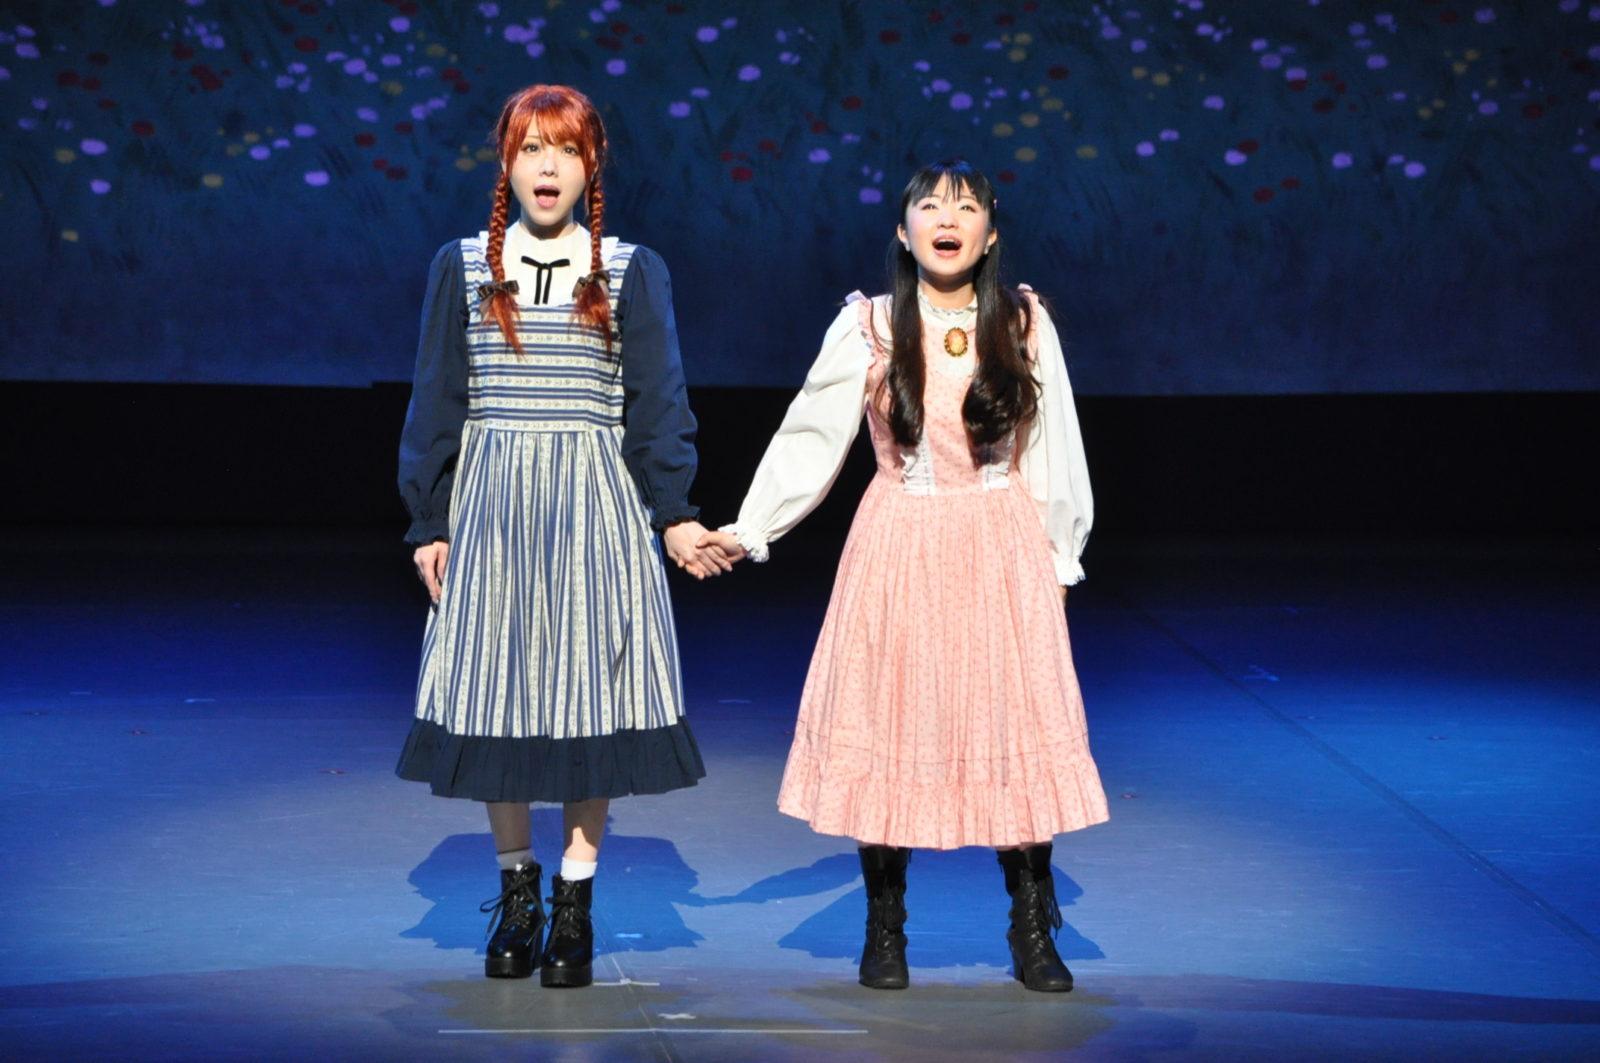 田中れいな・さくらまや共演のミュージカル「赤毛のアン」札幌で初日公演